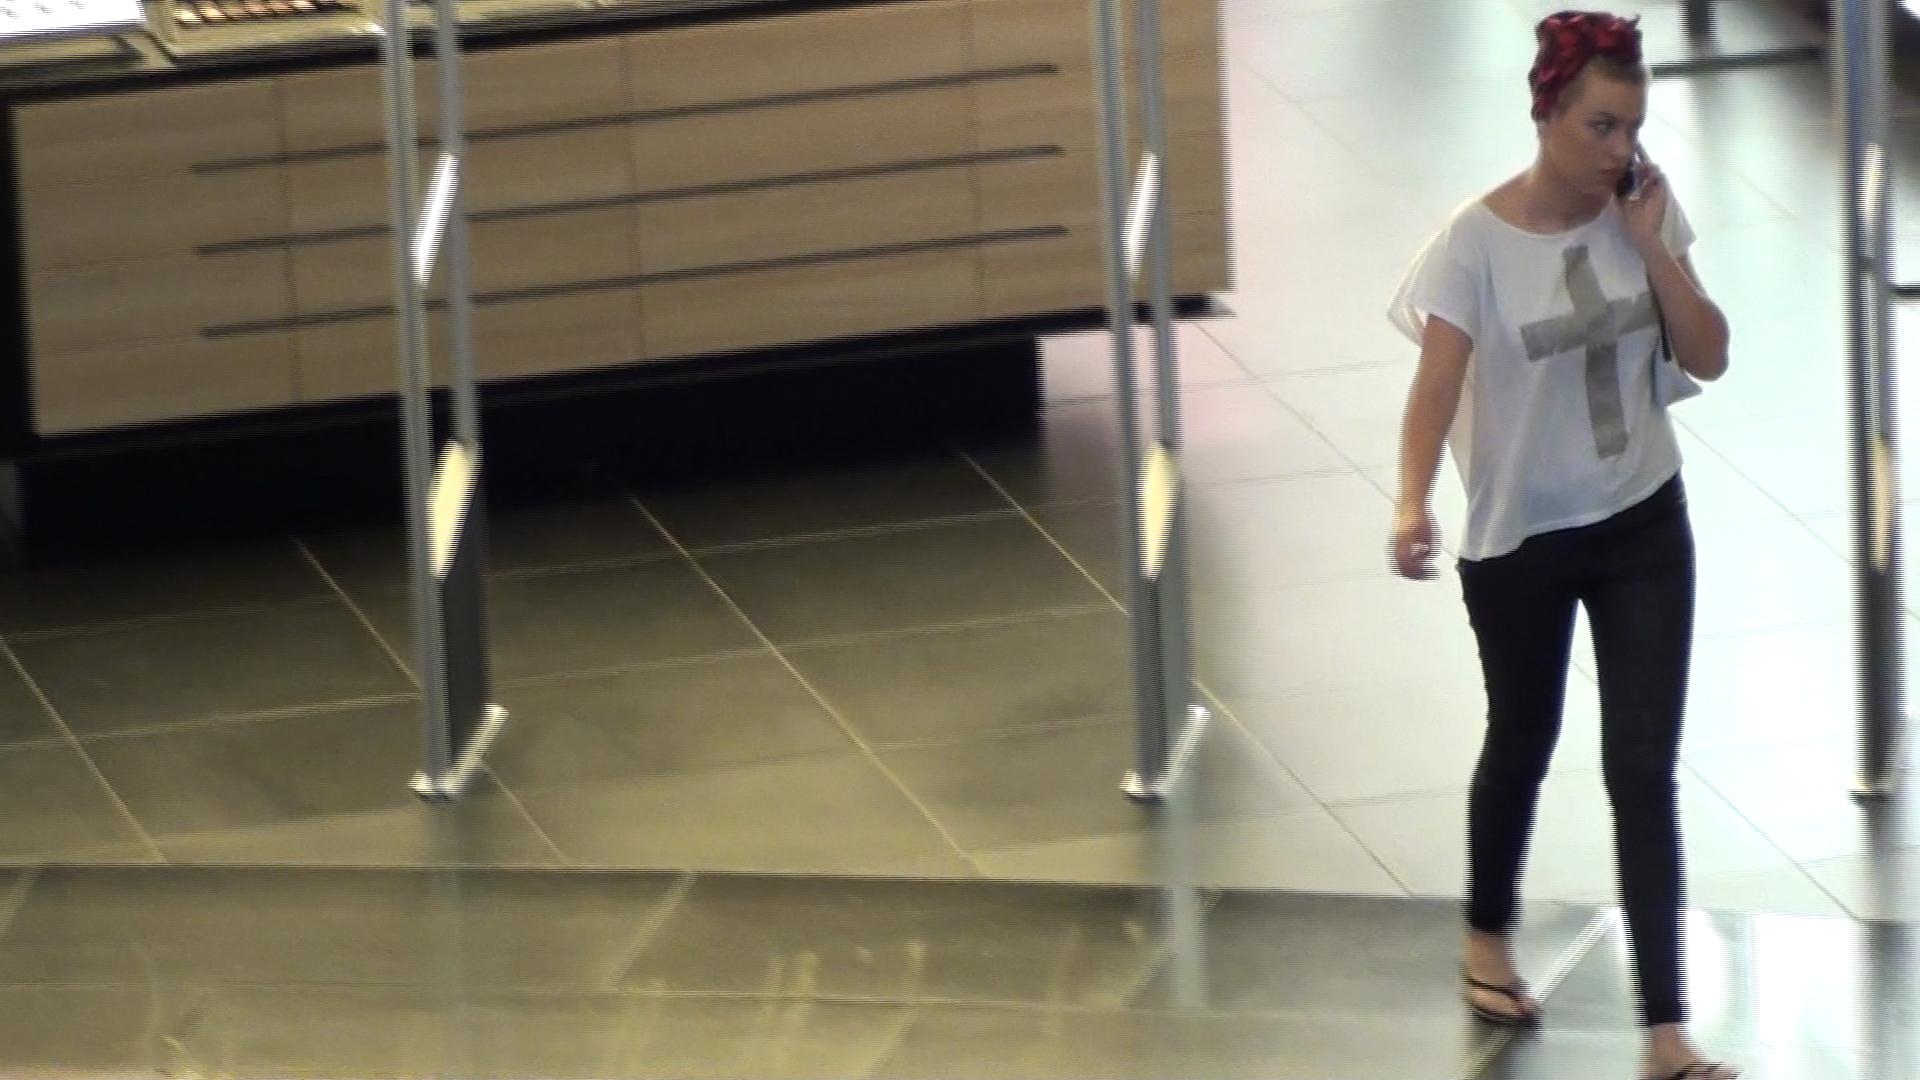 Cat timp s-a plimbat prin mall, Misha nu s-a despartit de telefonul mobil